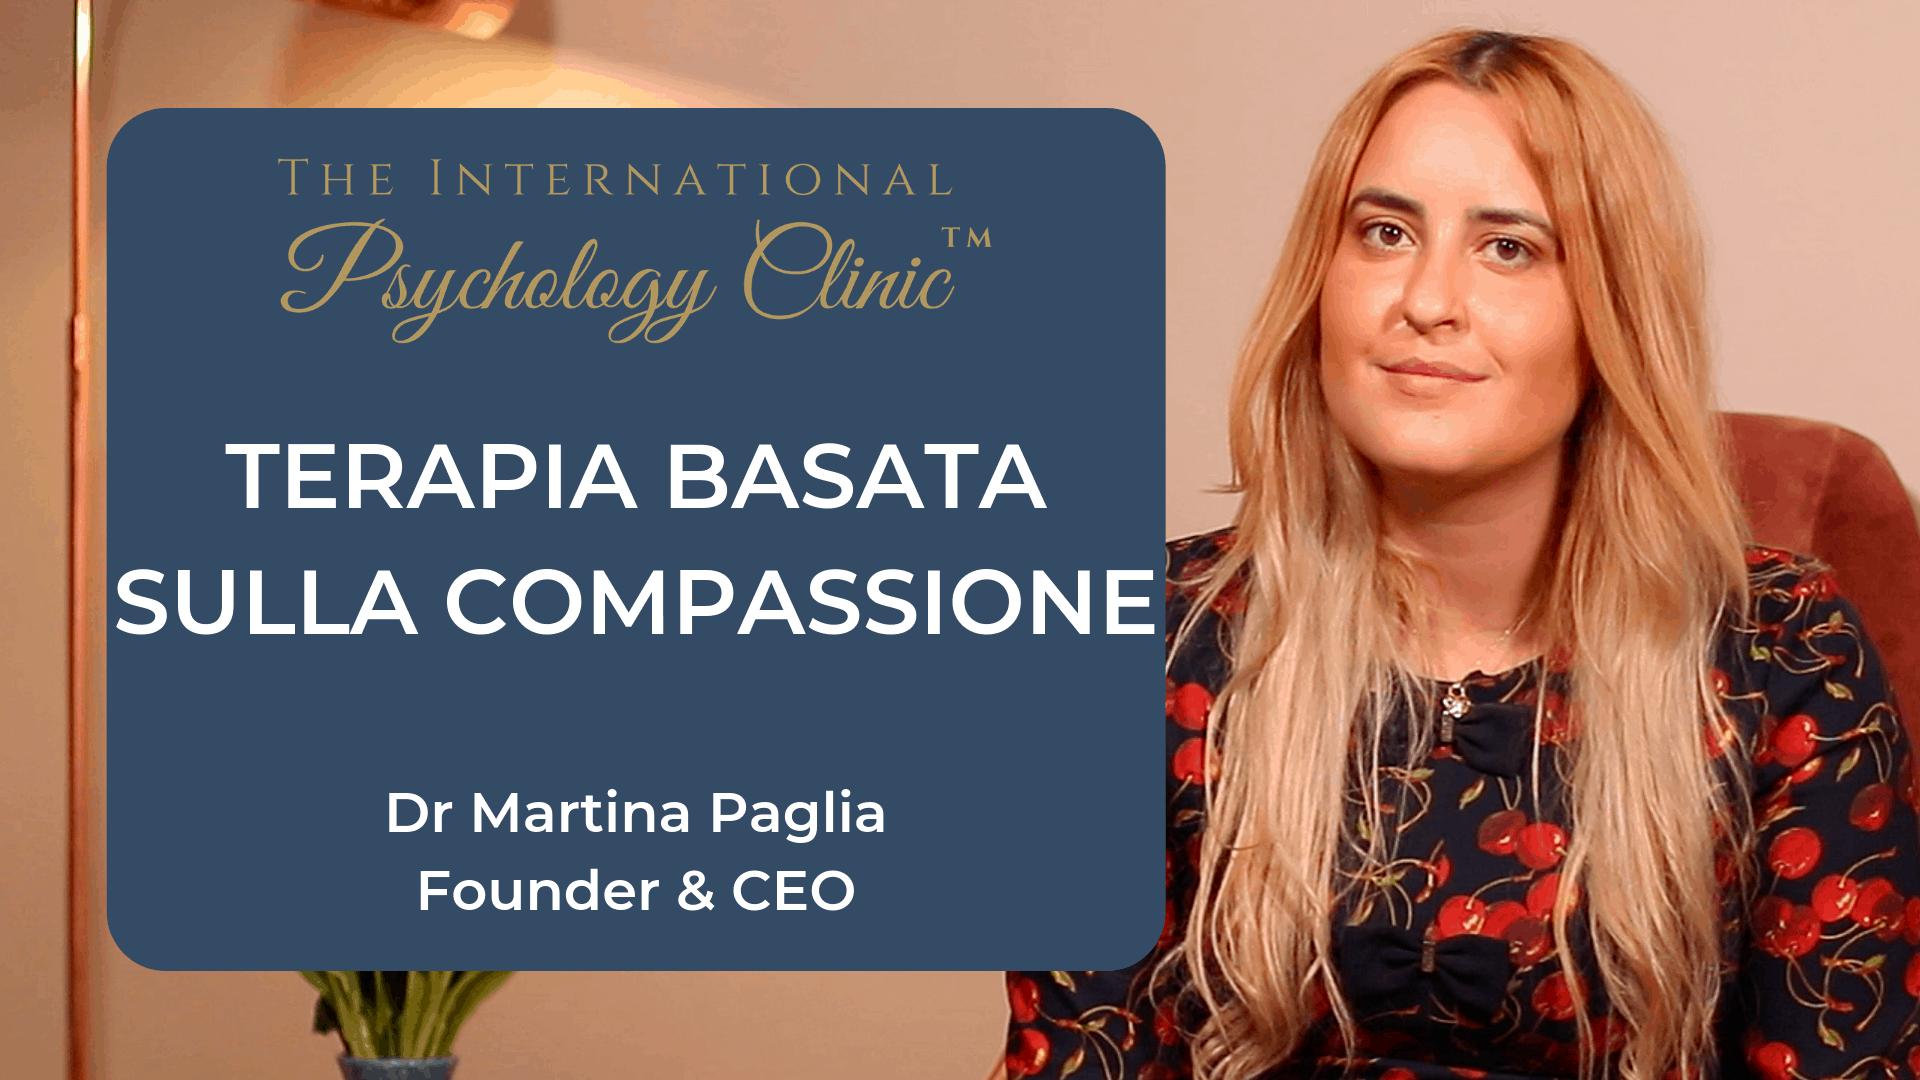 terapia basata sulla compassione